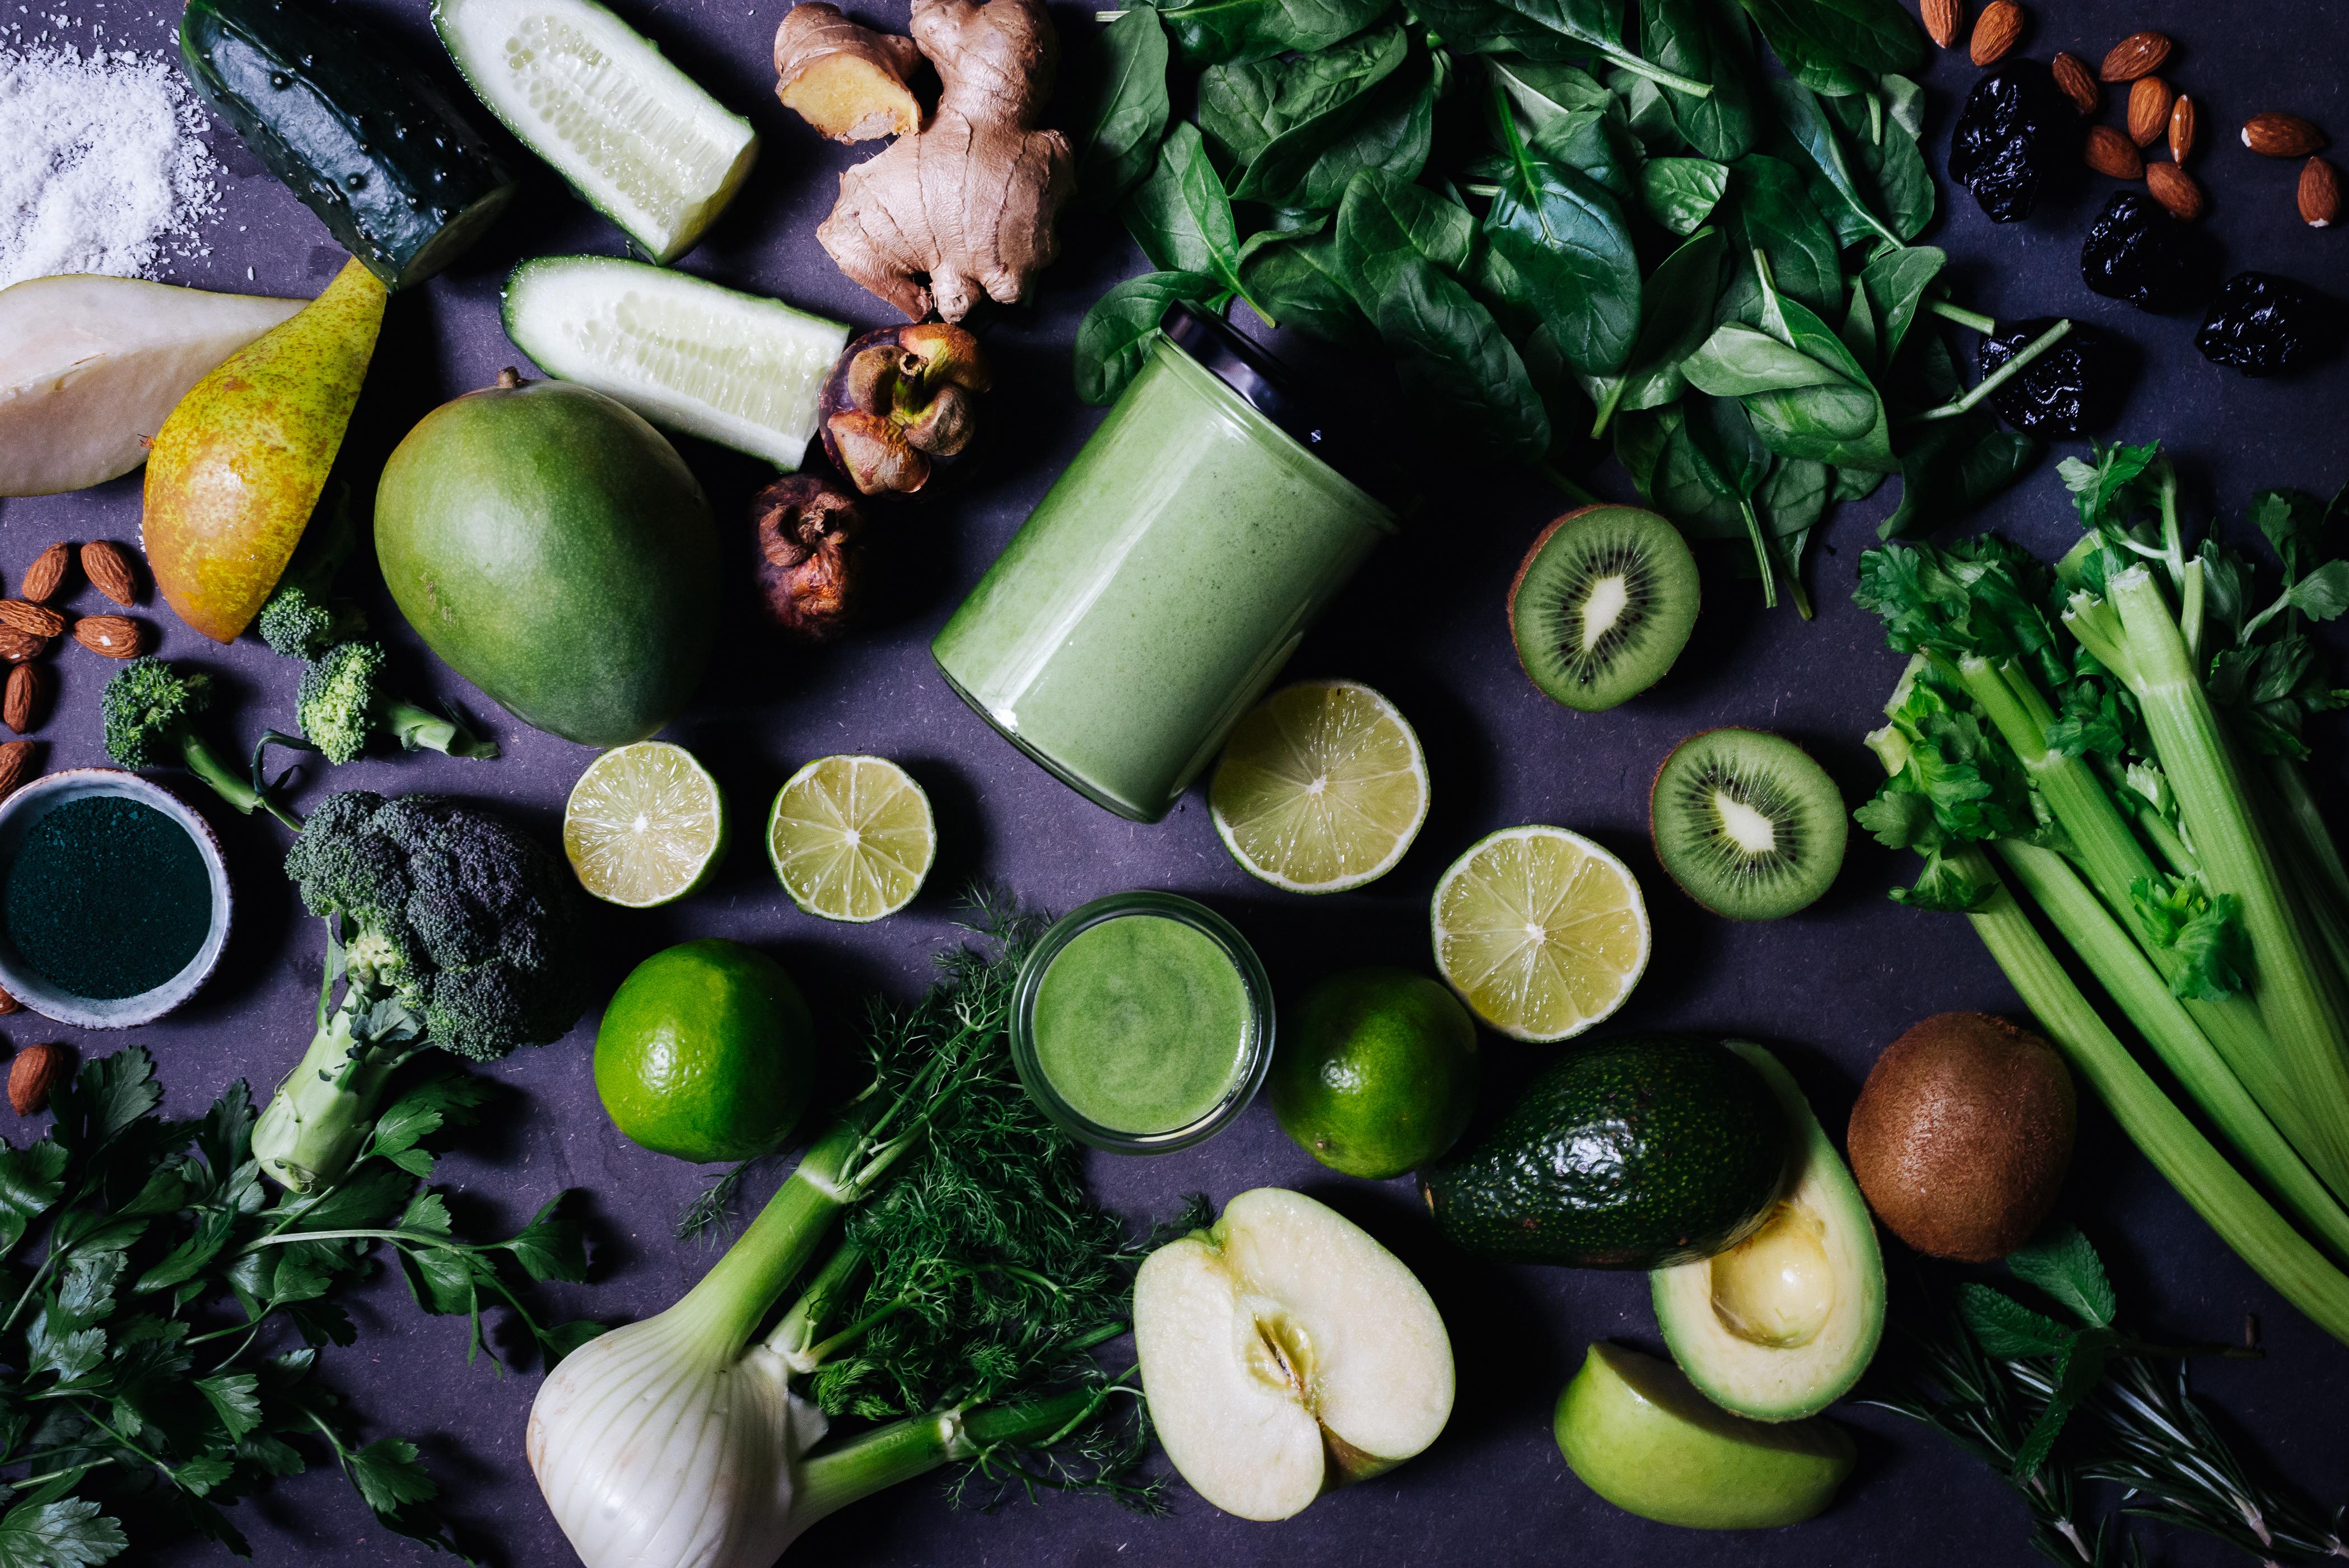 Grüner Smoothie im Glas umgeben von grünem Obst und Gemüse